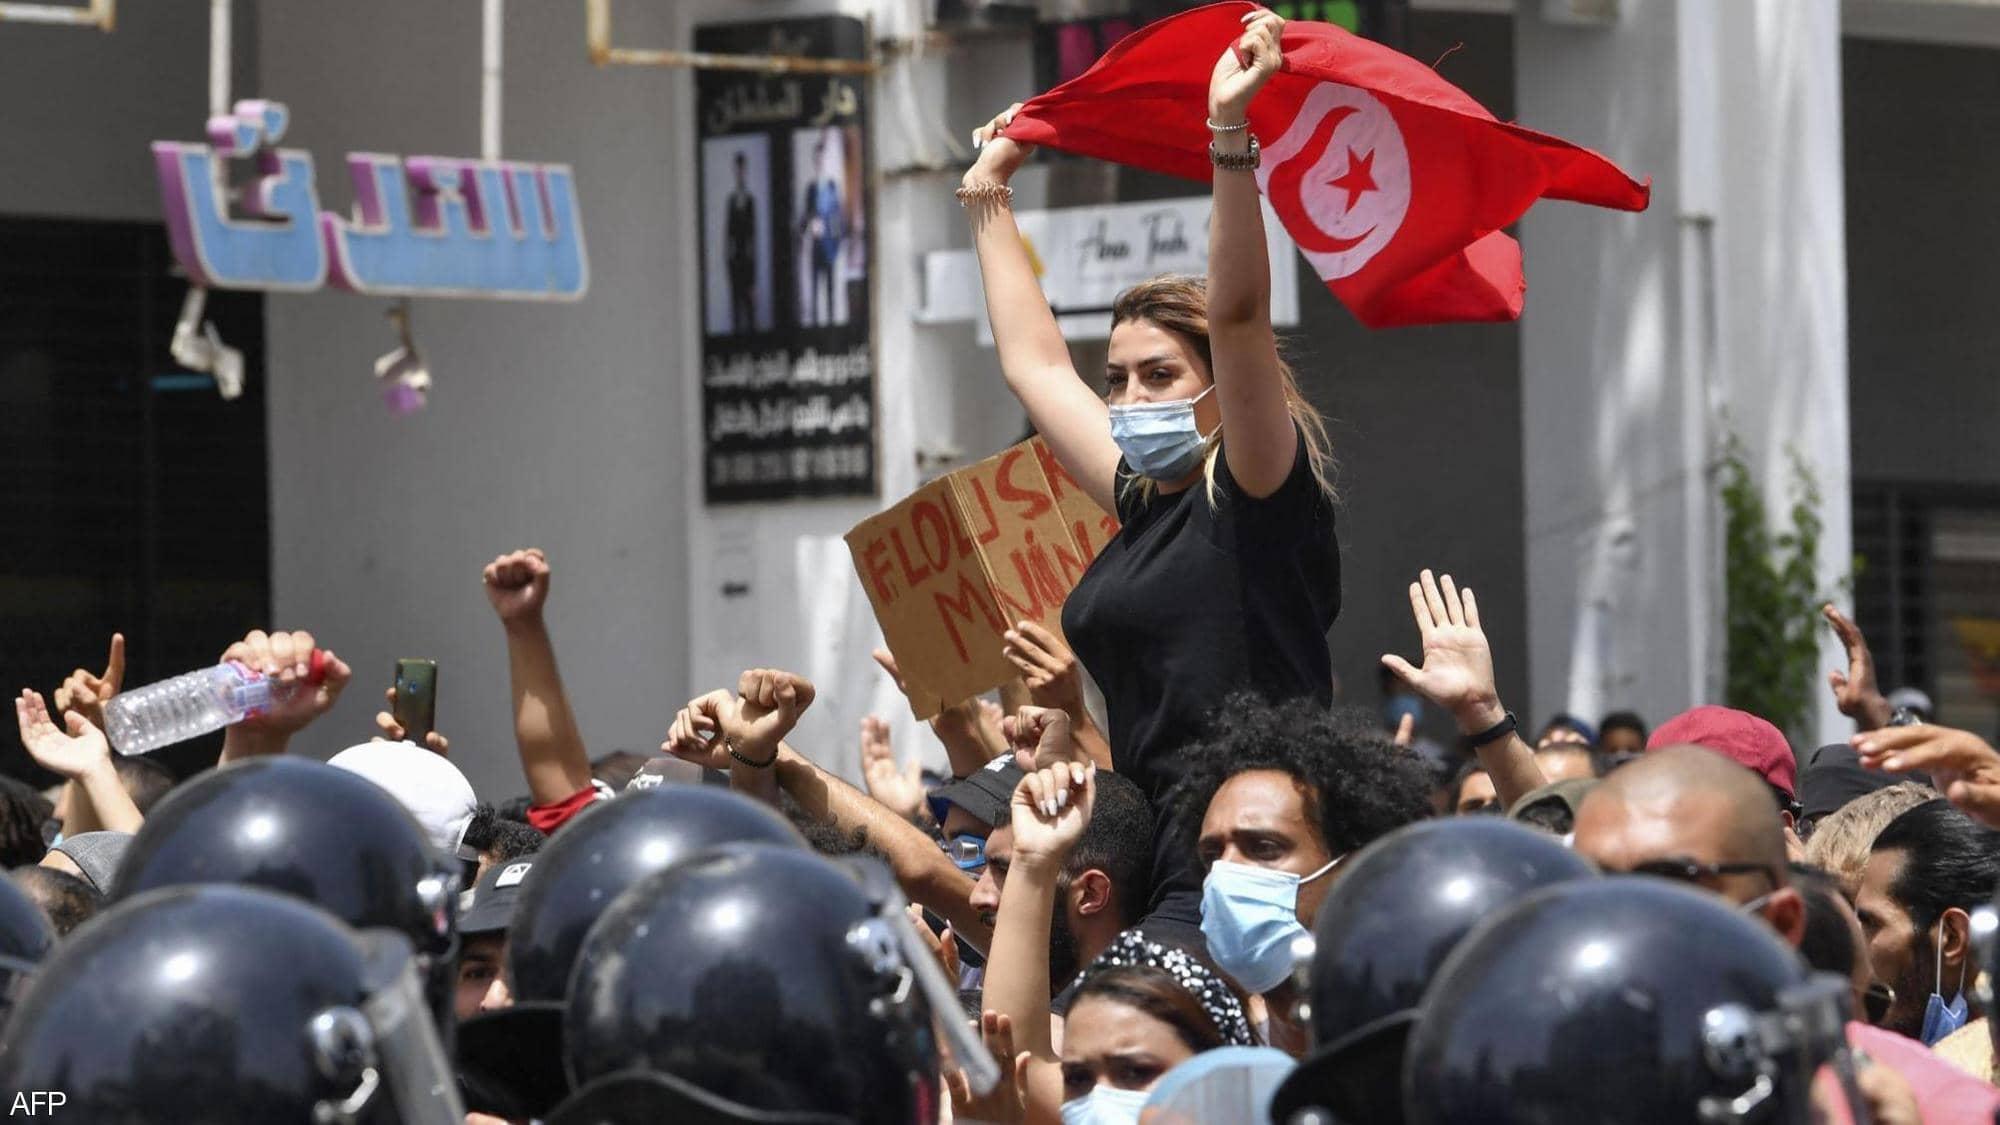 سهرۆكی تونس پارێزبهندی لهسهر پهرلهمانتارانی وڵاتهكهی ههڵگرت